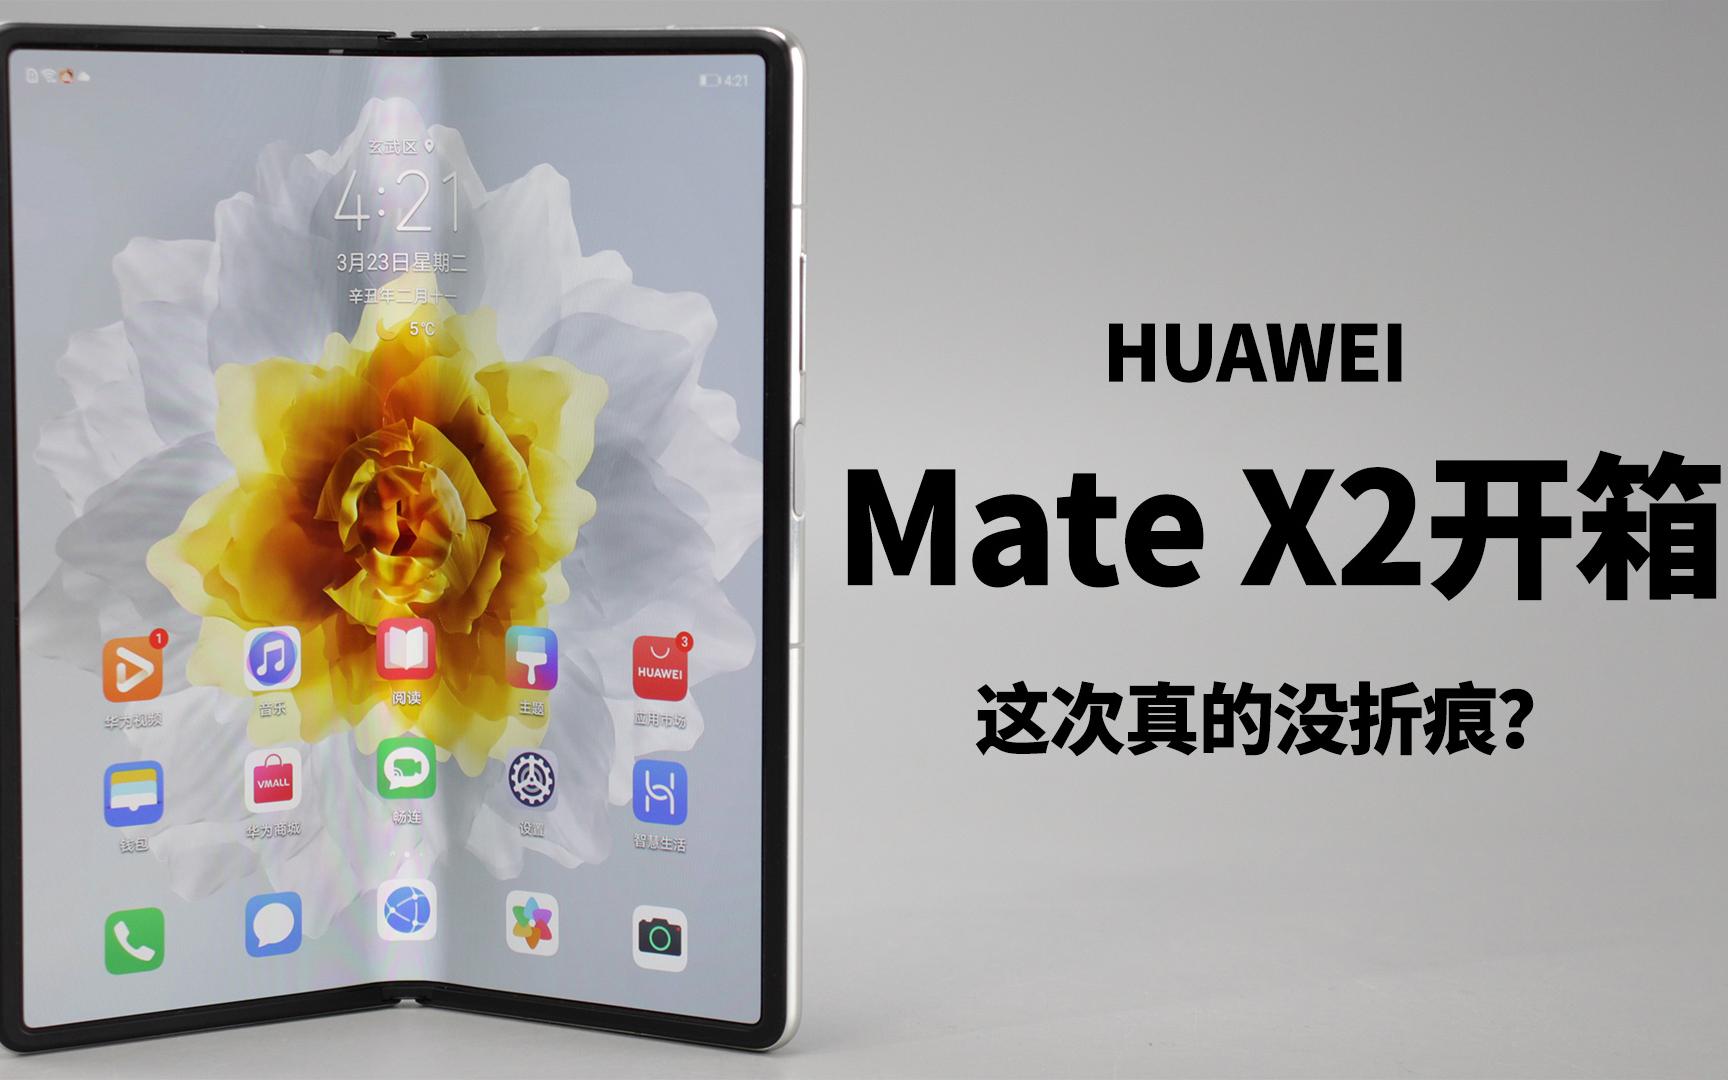 开箱华为折叠屏MATE X2,这次真的没折痕了?【涛哥测评】